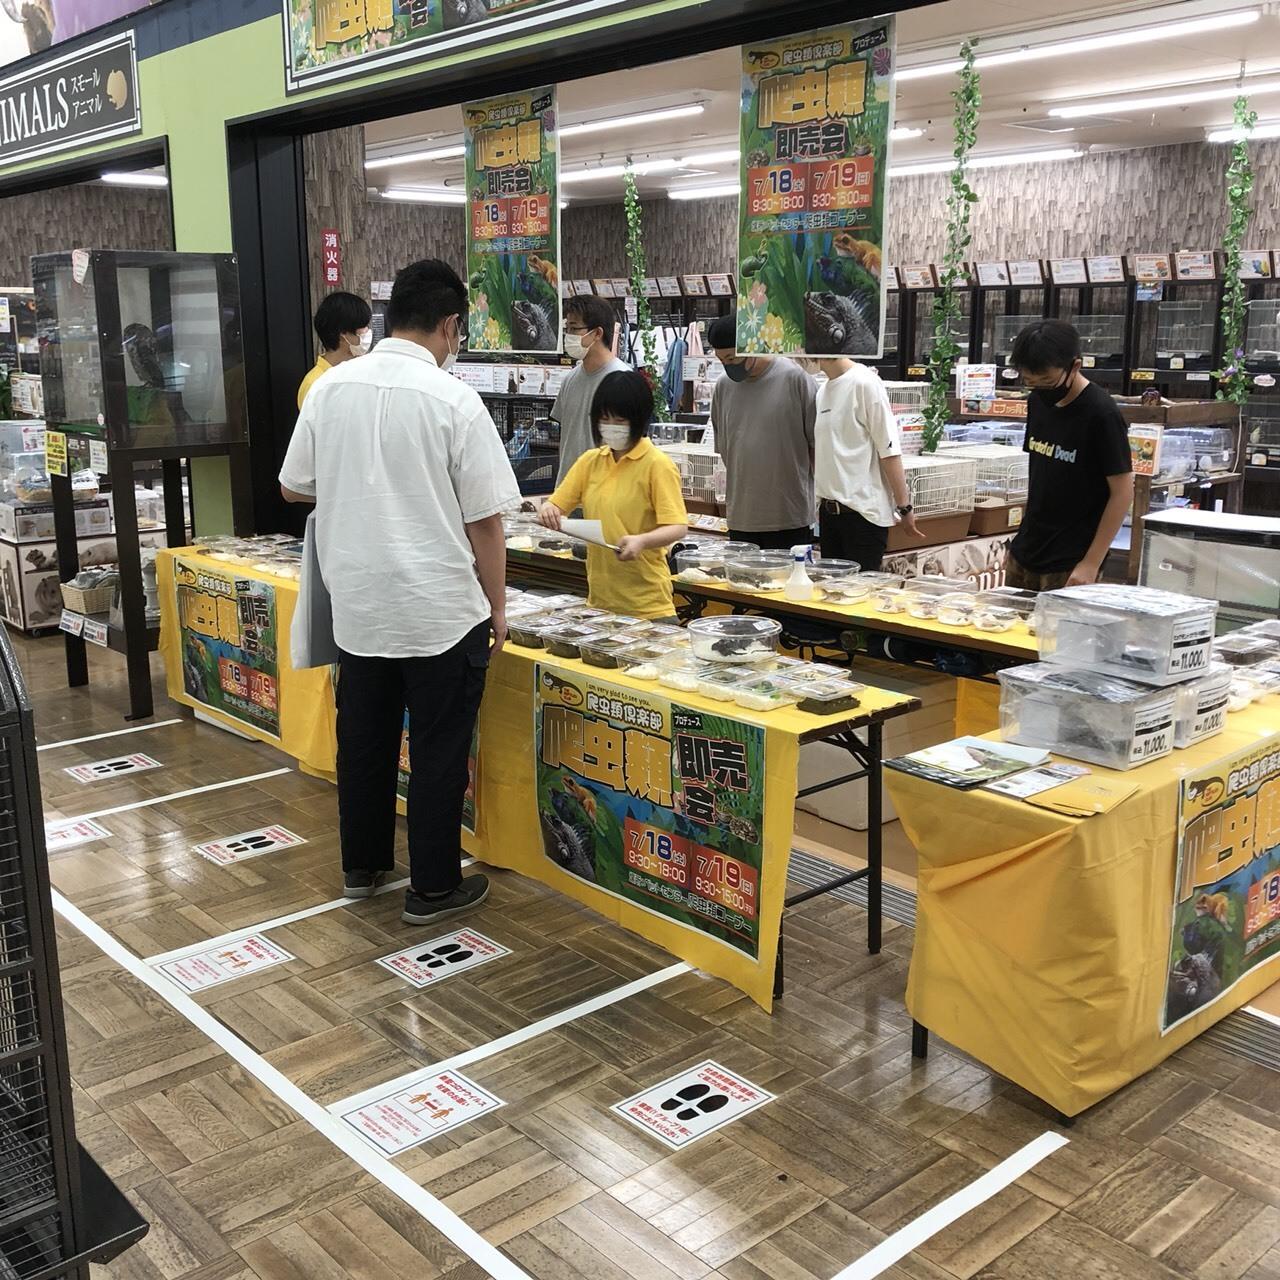 2019年にホームセンタームサシ新潟店で開催された時の様子